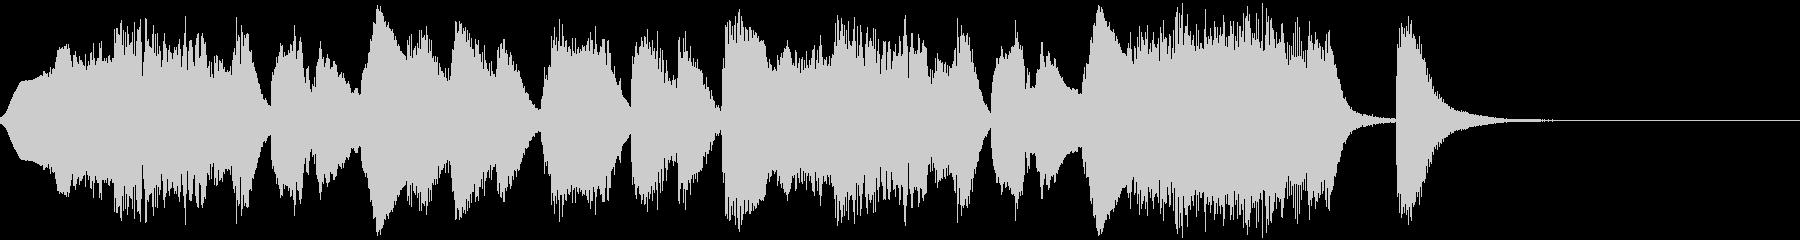 フルートによるコミカルなジングルの未再生の波形